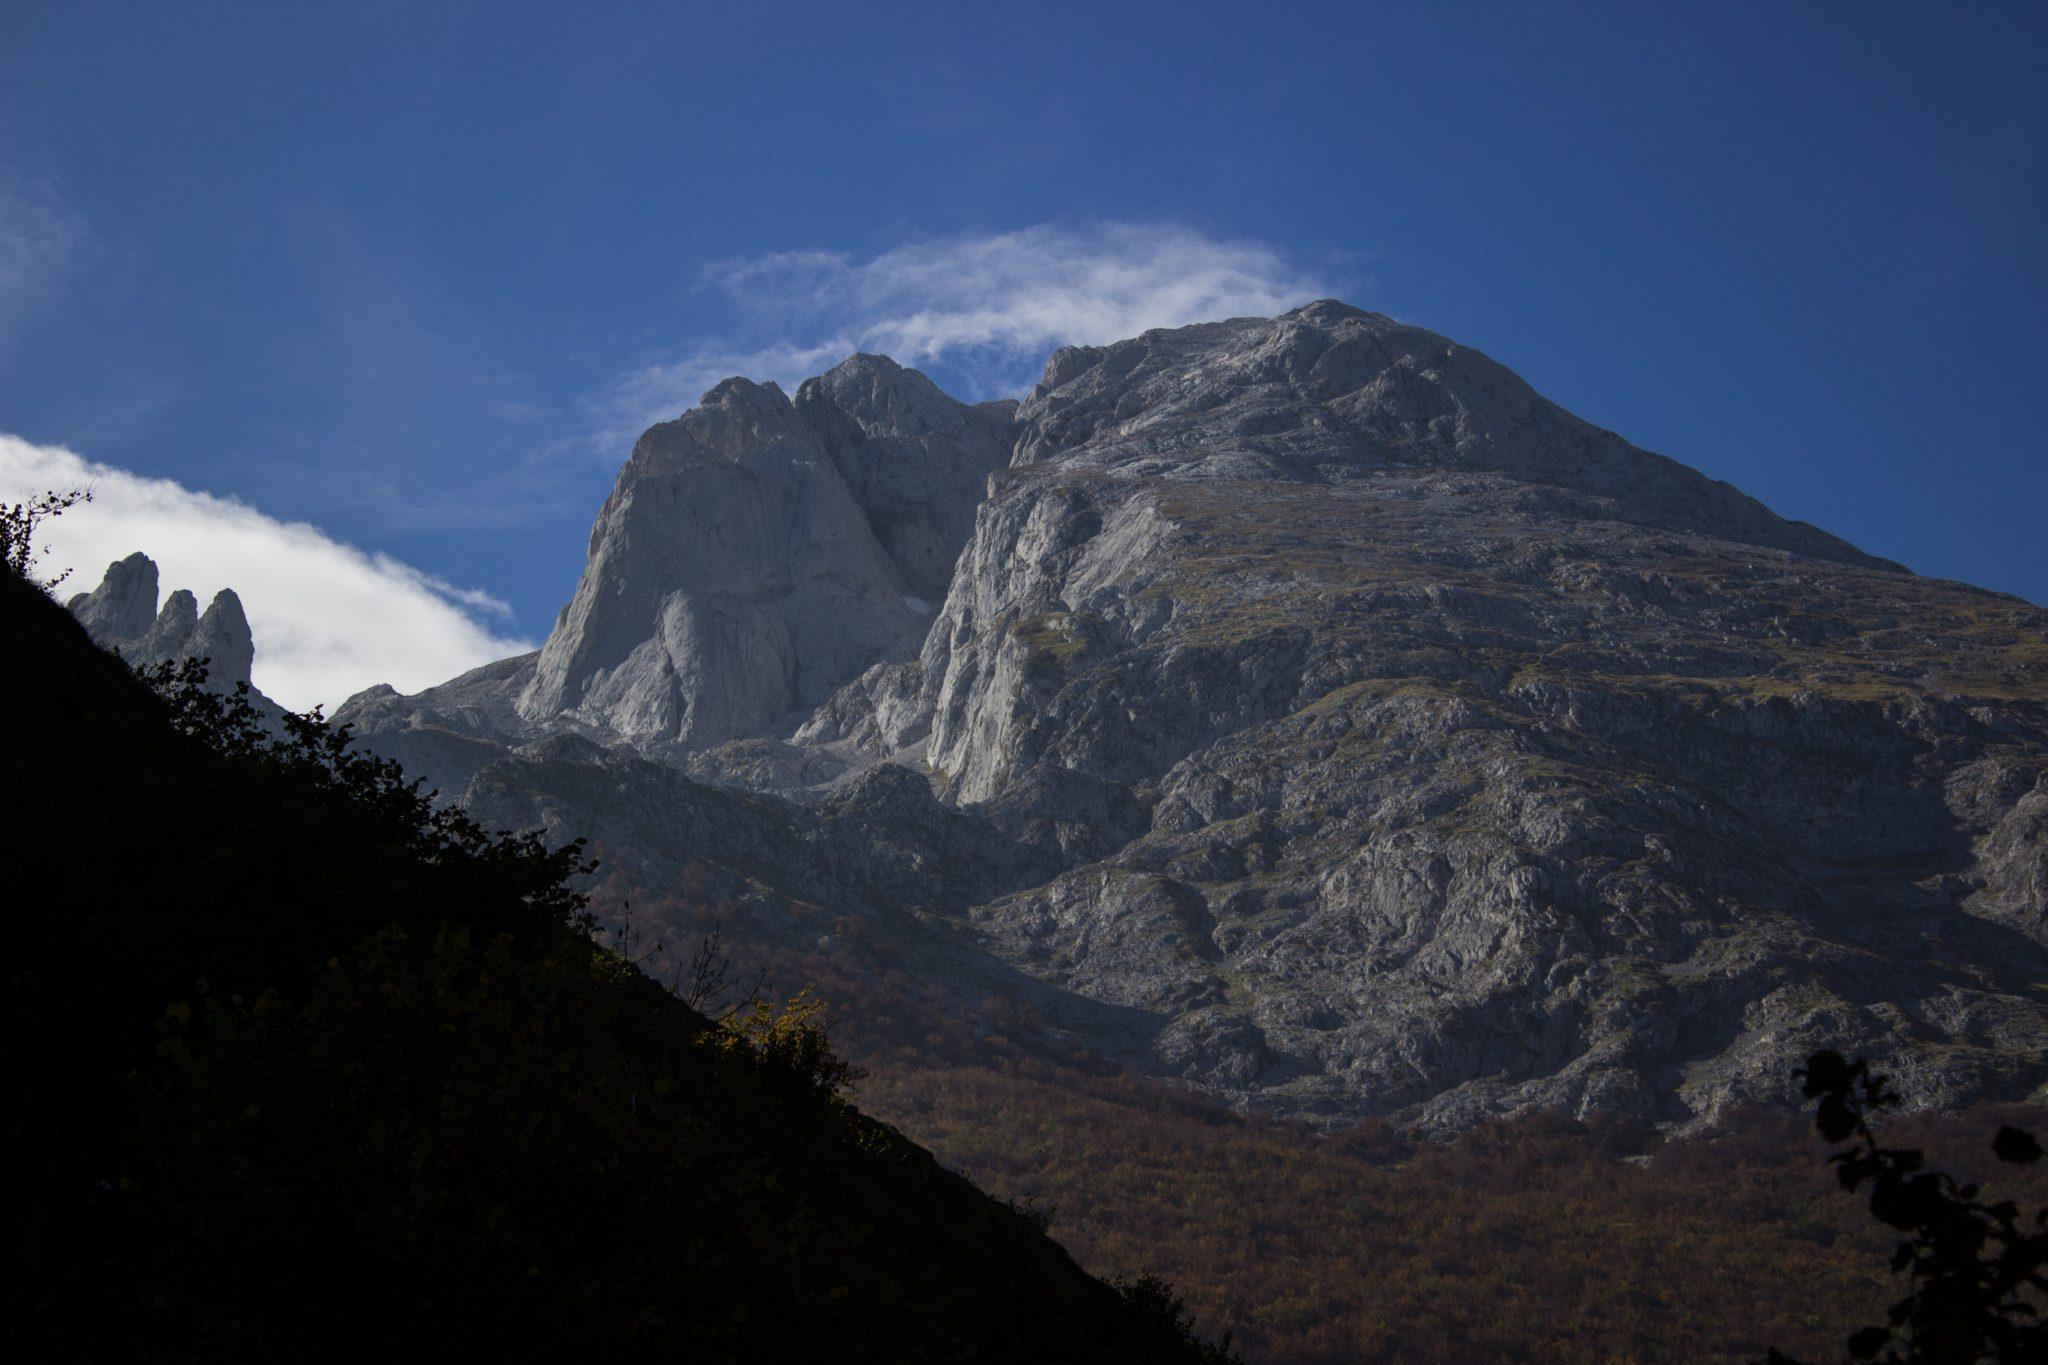 Wanderung Poncebos nach Bulnes in den Picos de Europa, schönes Herbstwetter zum Wandern mit Sonnenschein, Felswände und viele beeindruckende Berge